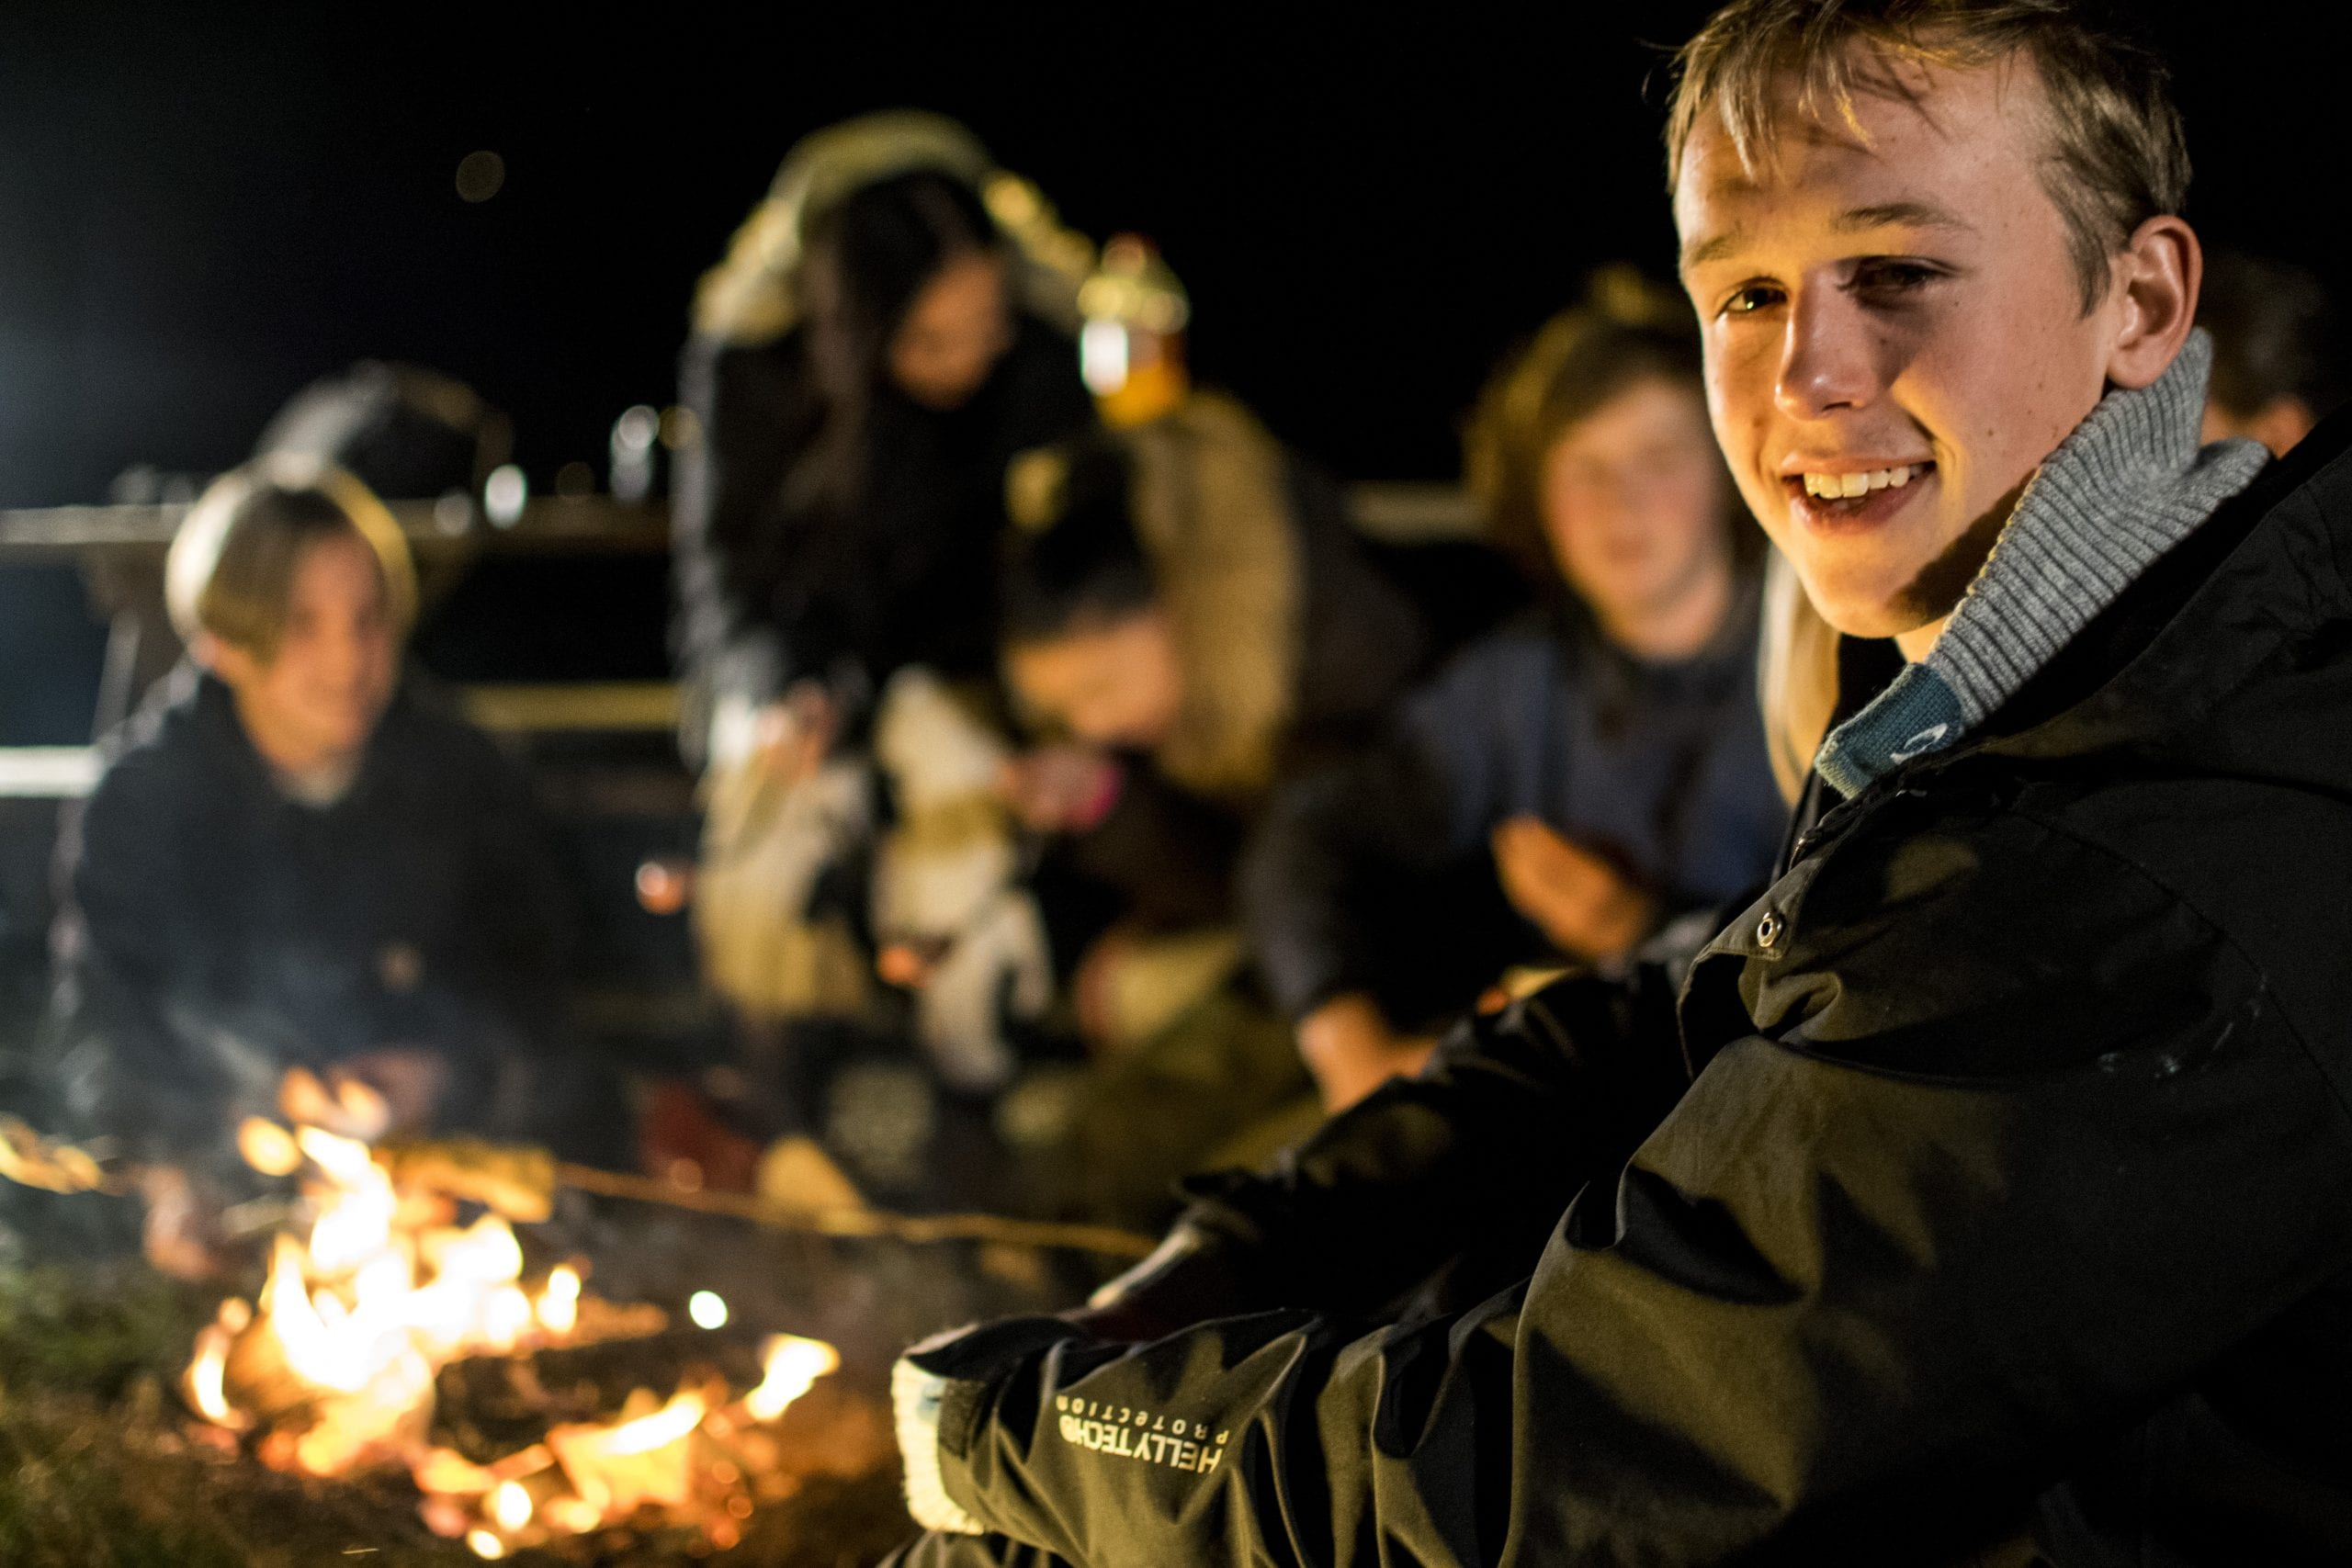 Ein kjekk gjeng som koser seg rundt leirbålet på kveldstid. Stord folkehøgskule.